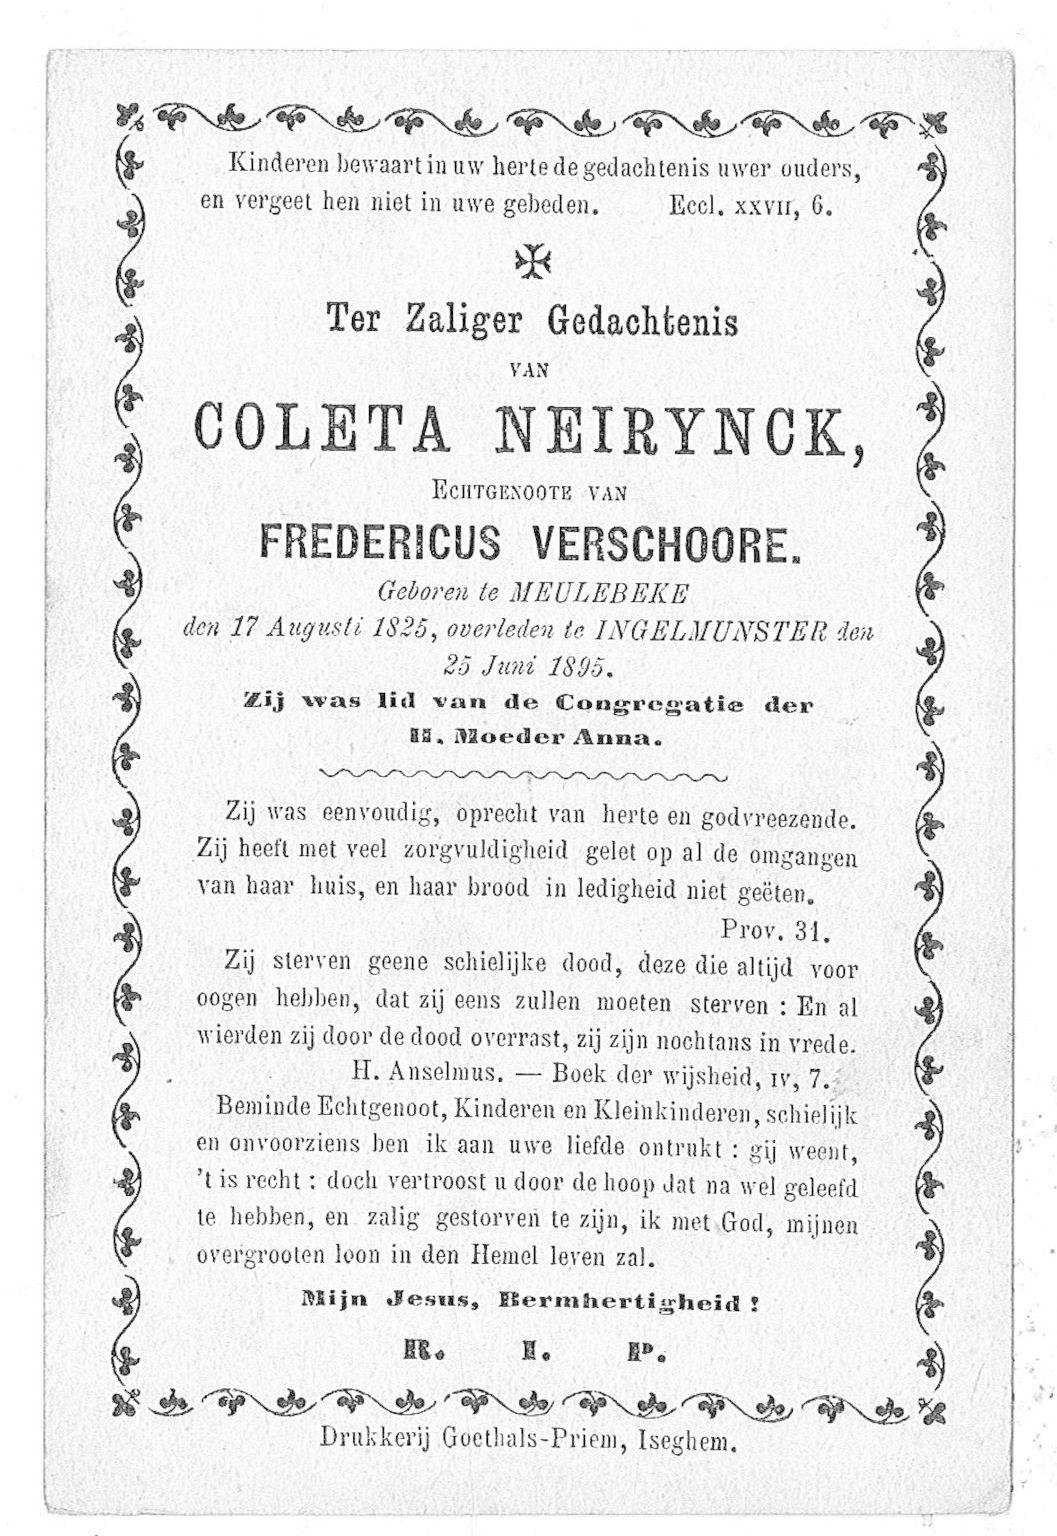 Coleta Neirynck